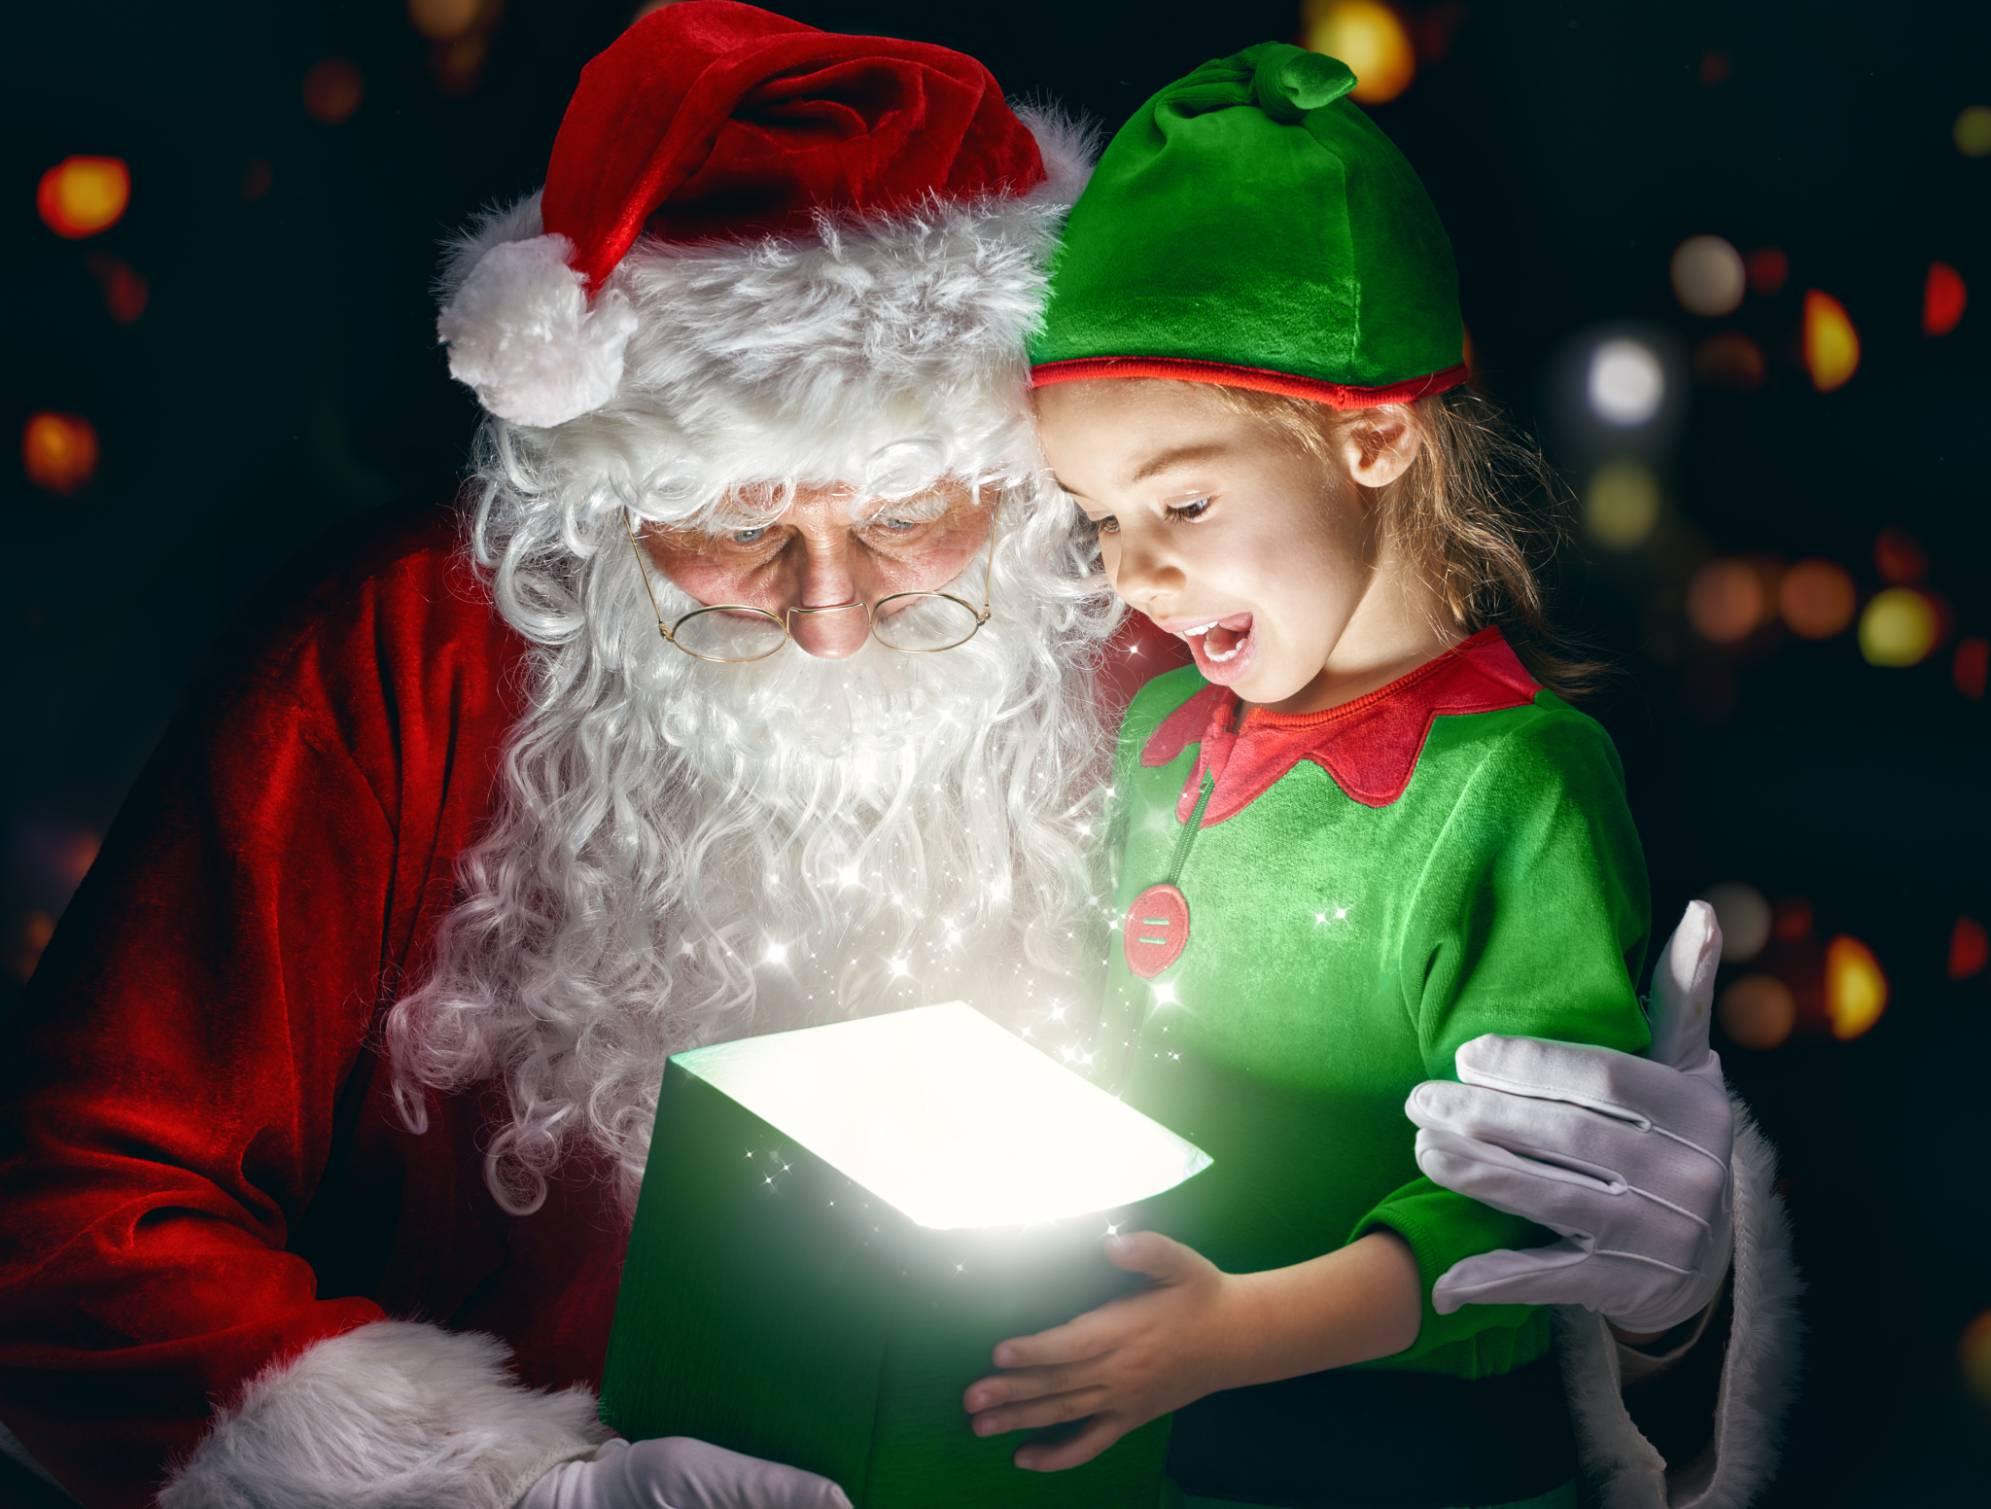 Esiste Babbo Natale Si O No.Babbo Natale Esiste Quando Dire Ai Bambini Che Non E Cosi Mammapoppins